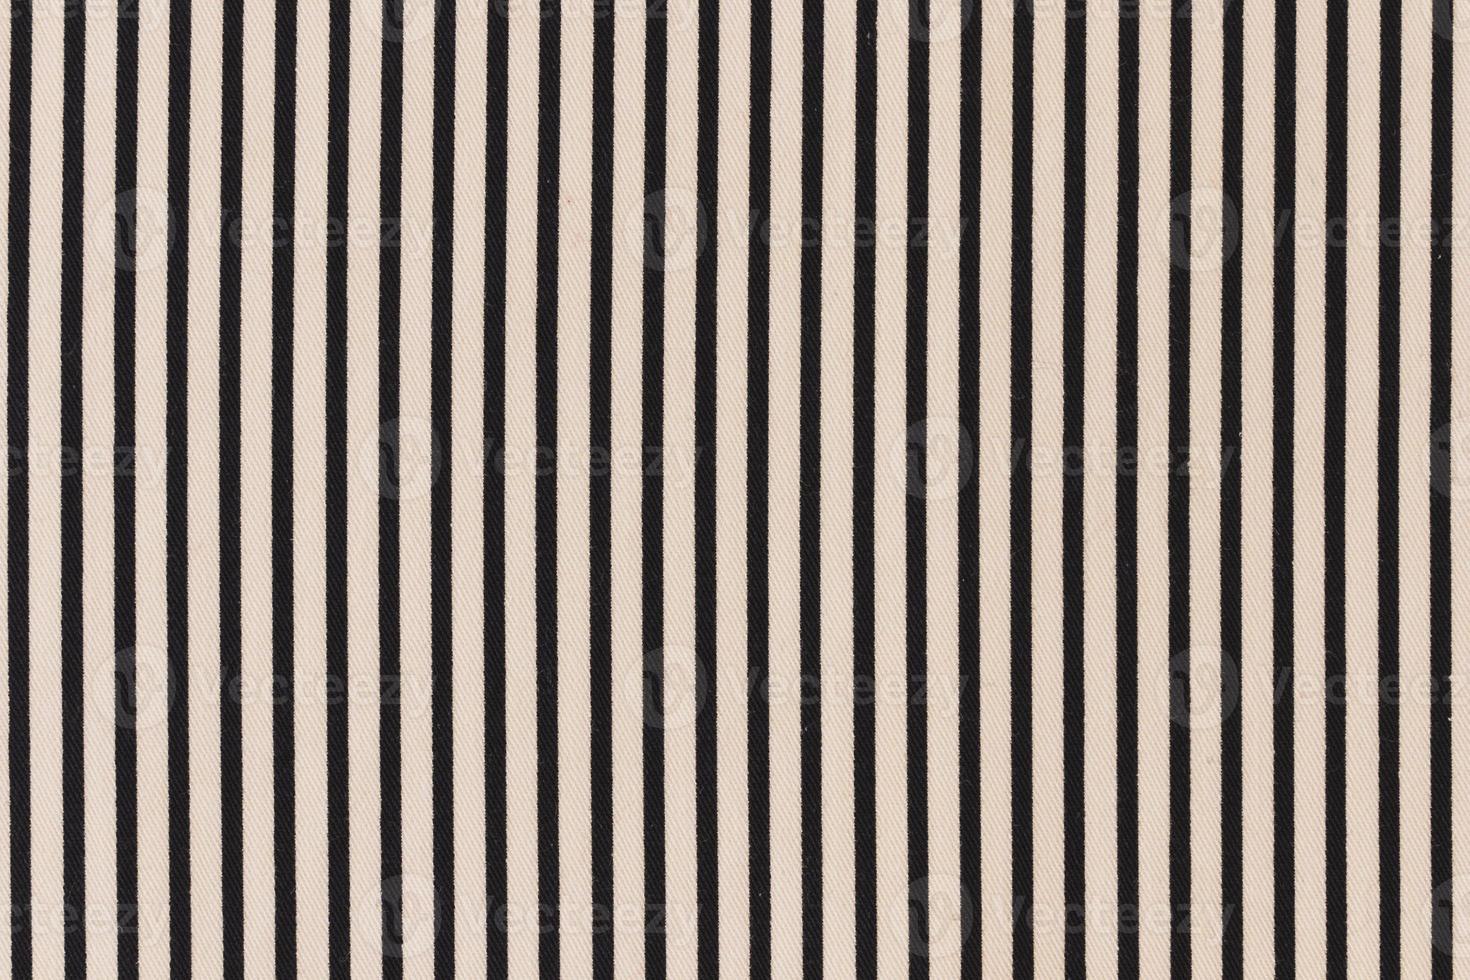 svart randig mönster grädde bakgrund foto